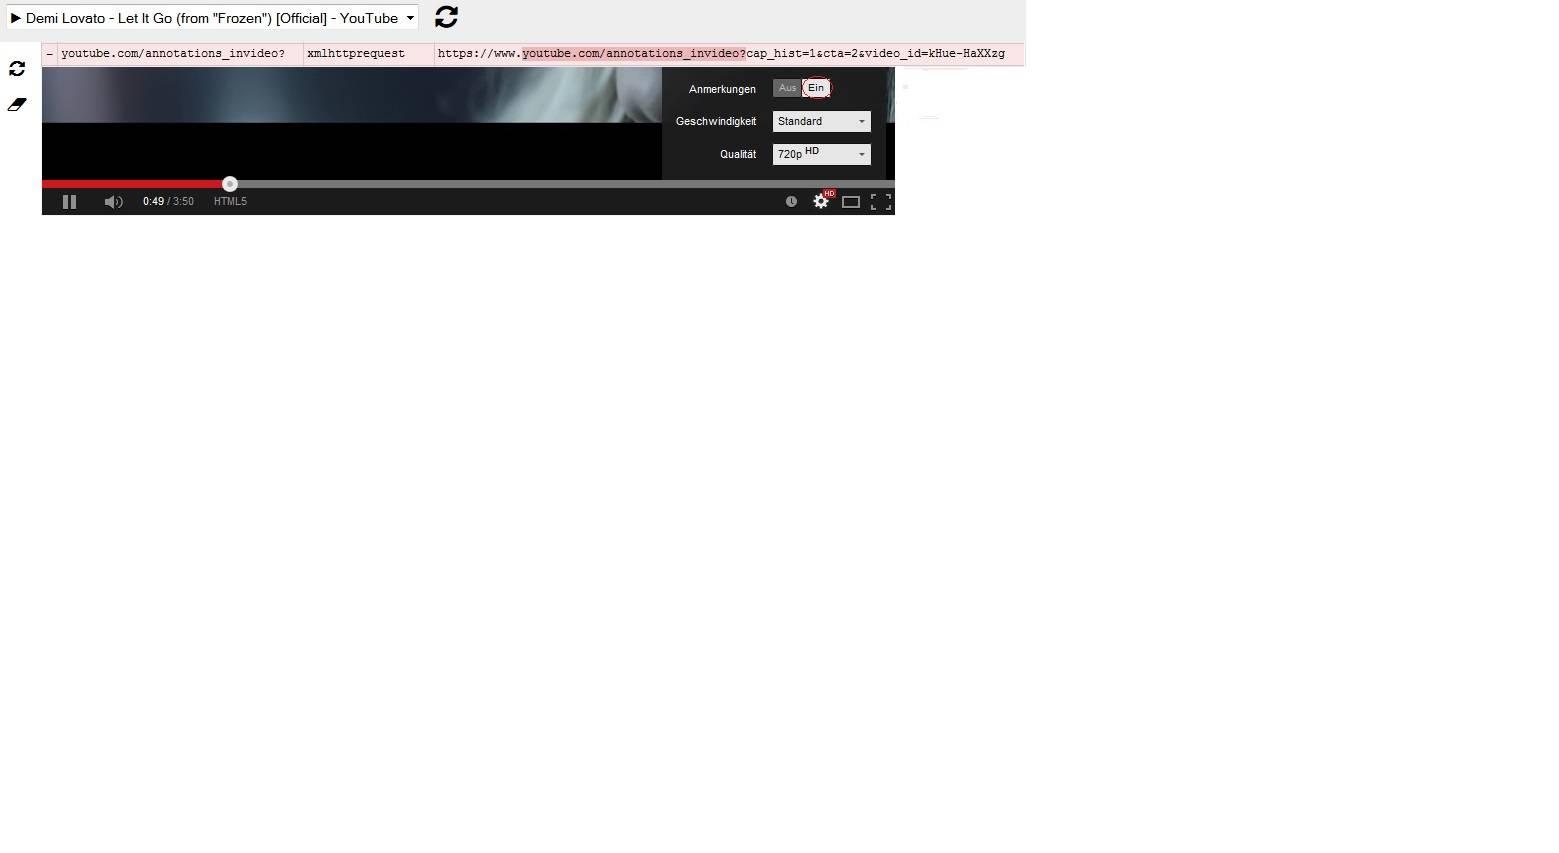 Youtube--HTML5-Anmerkungen-Standard-auf-Ein-und-doch-Aus.jpg